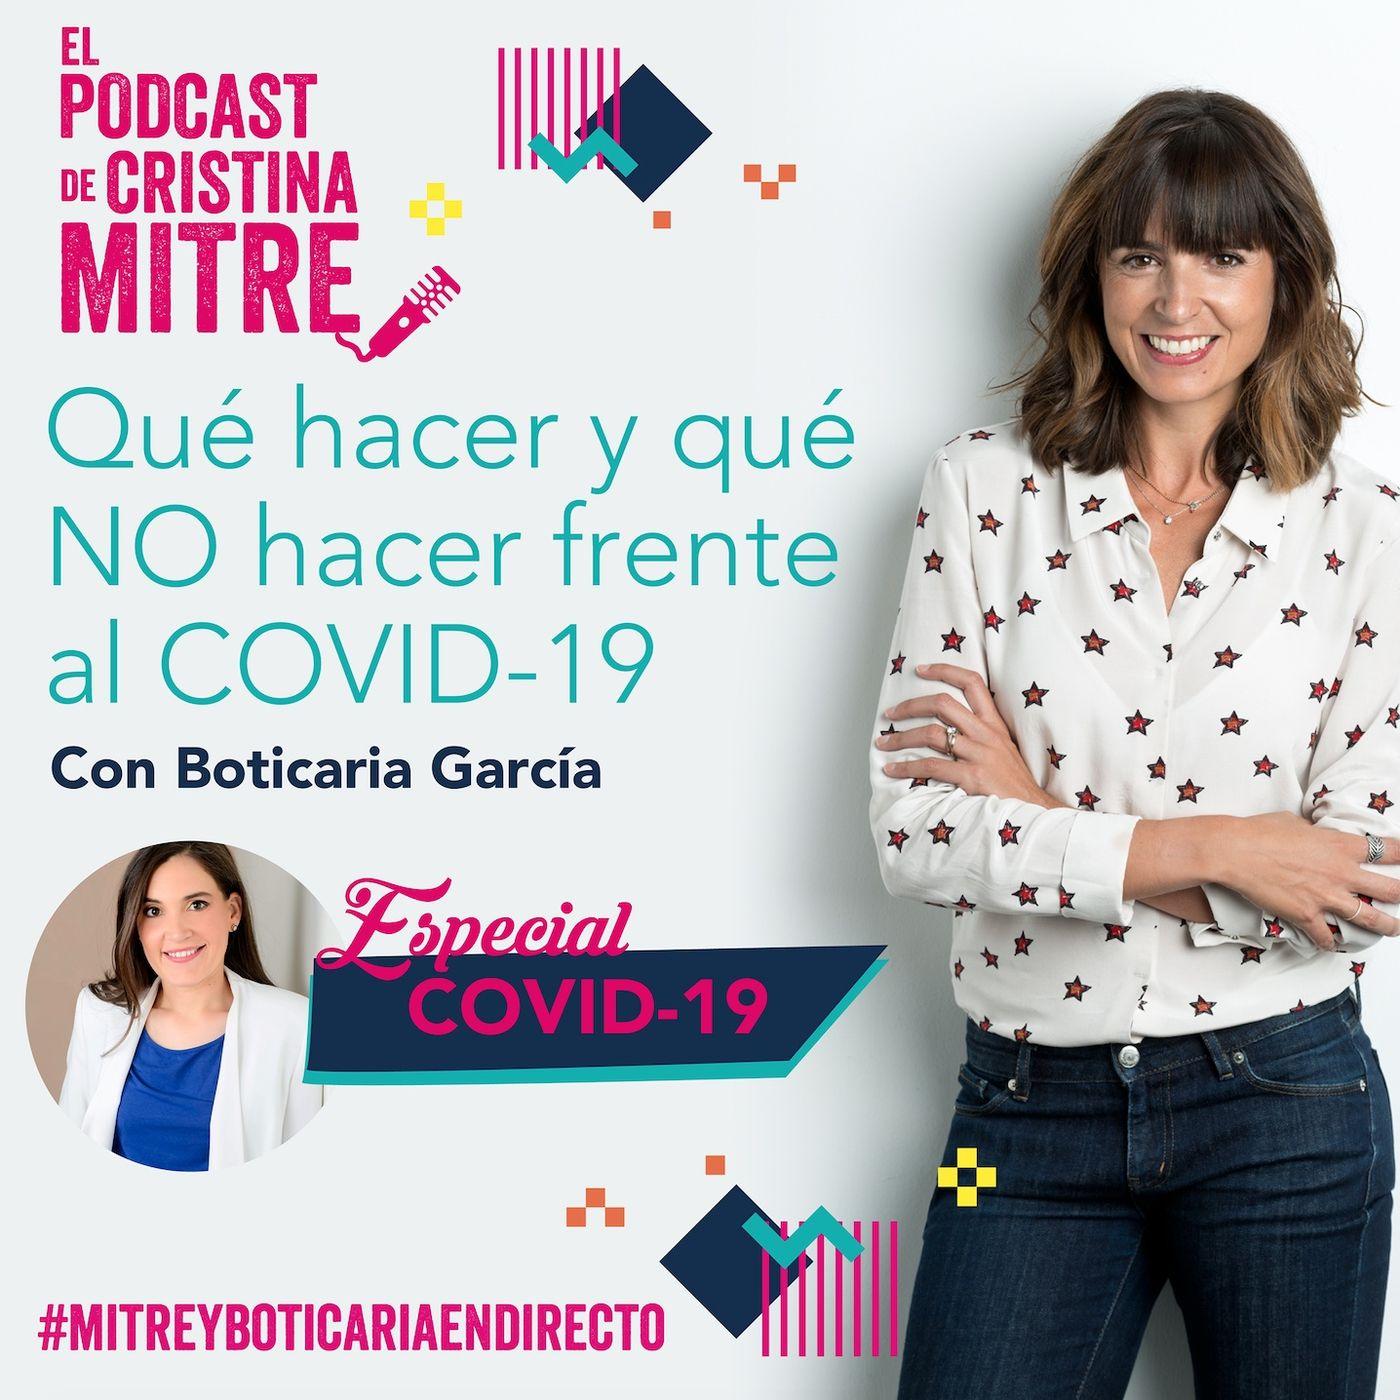 Qué hacer y qué NO hacer frente al coronavirus con Boticaria García. Especial COVID-19